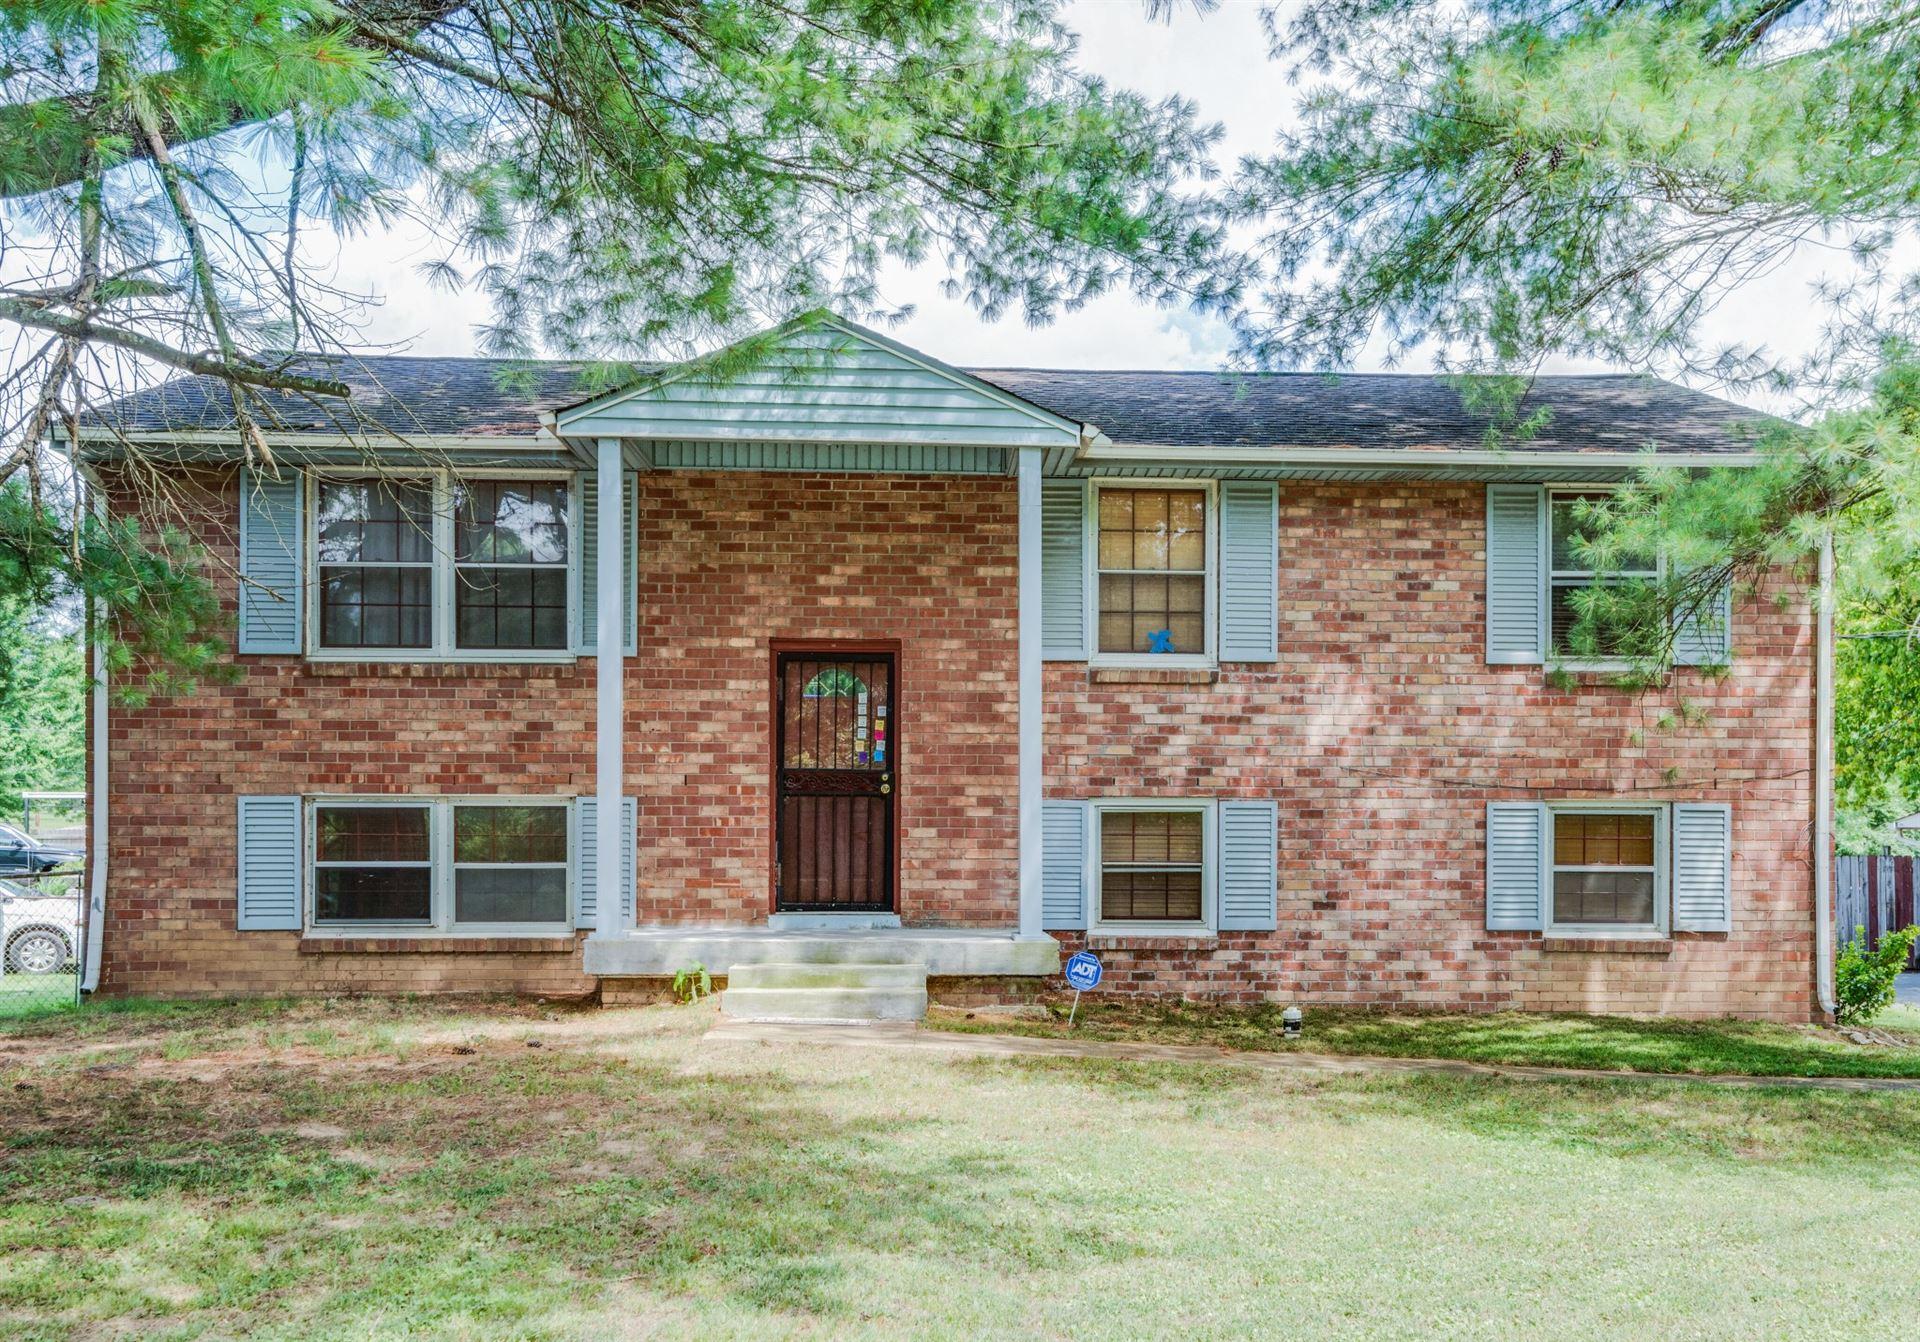 494 Paragon Mills Rd, Nashville, TN 37211 - MLS#: 2173068